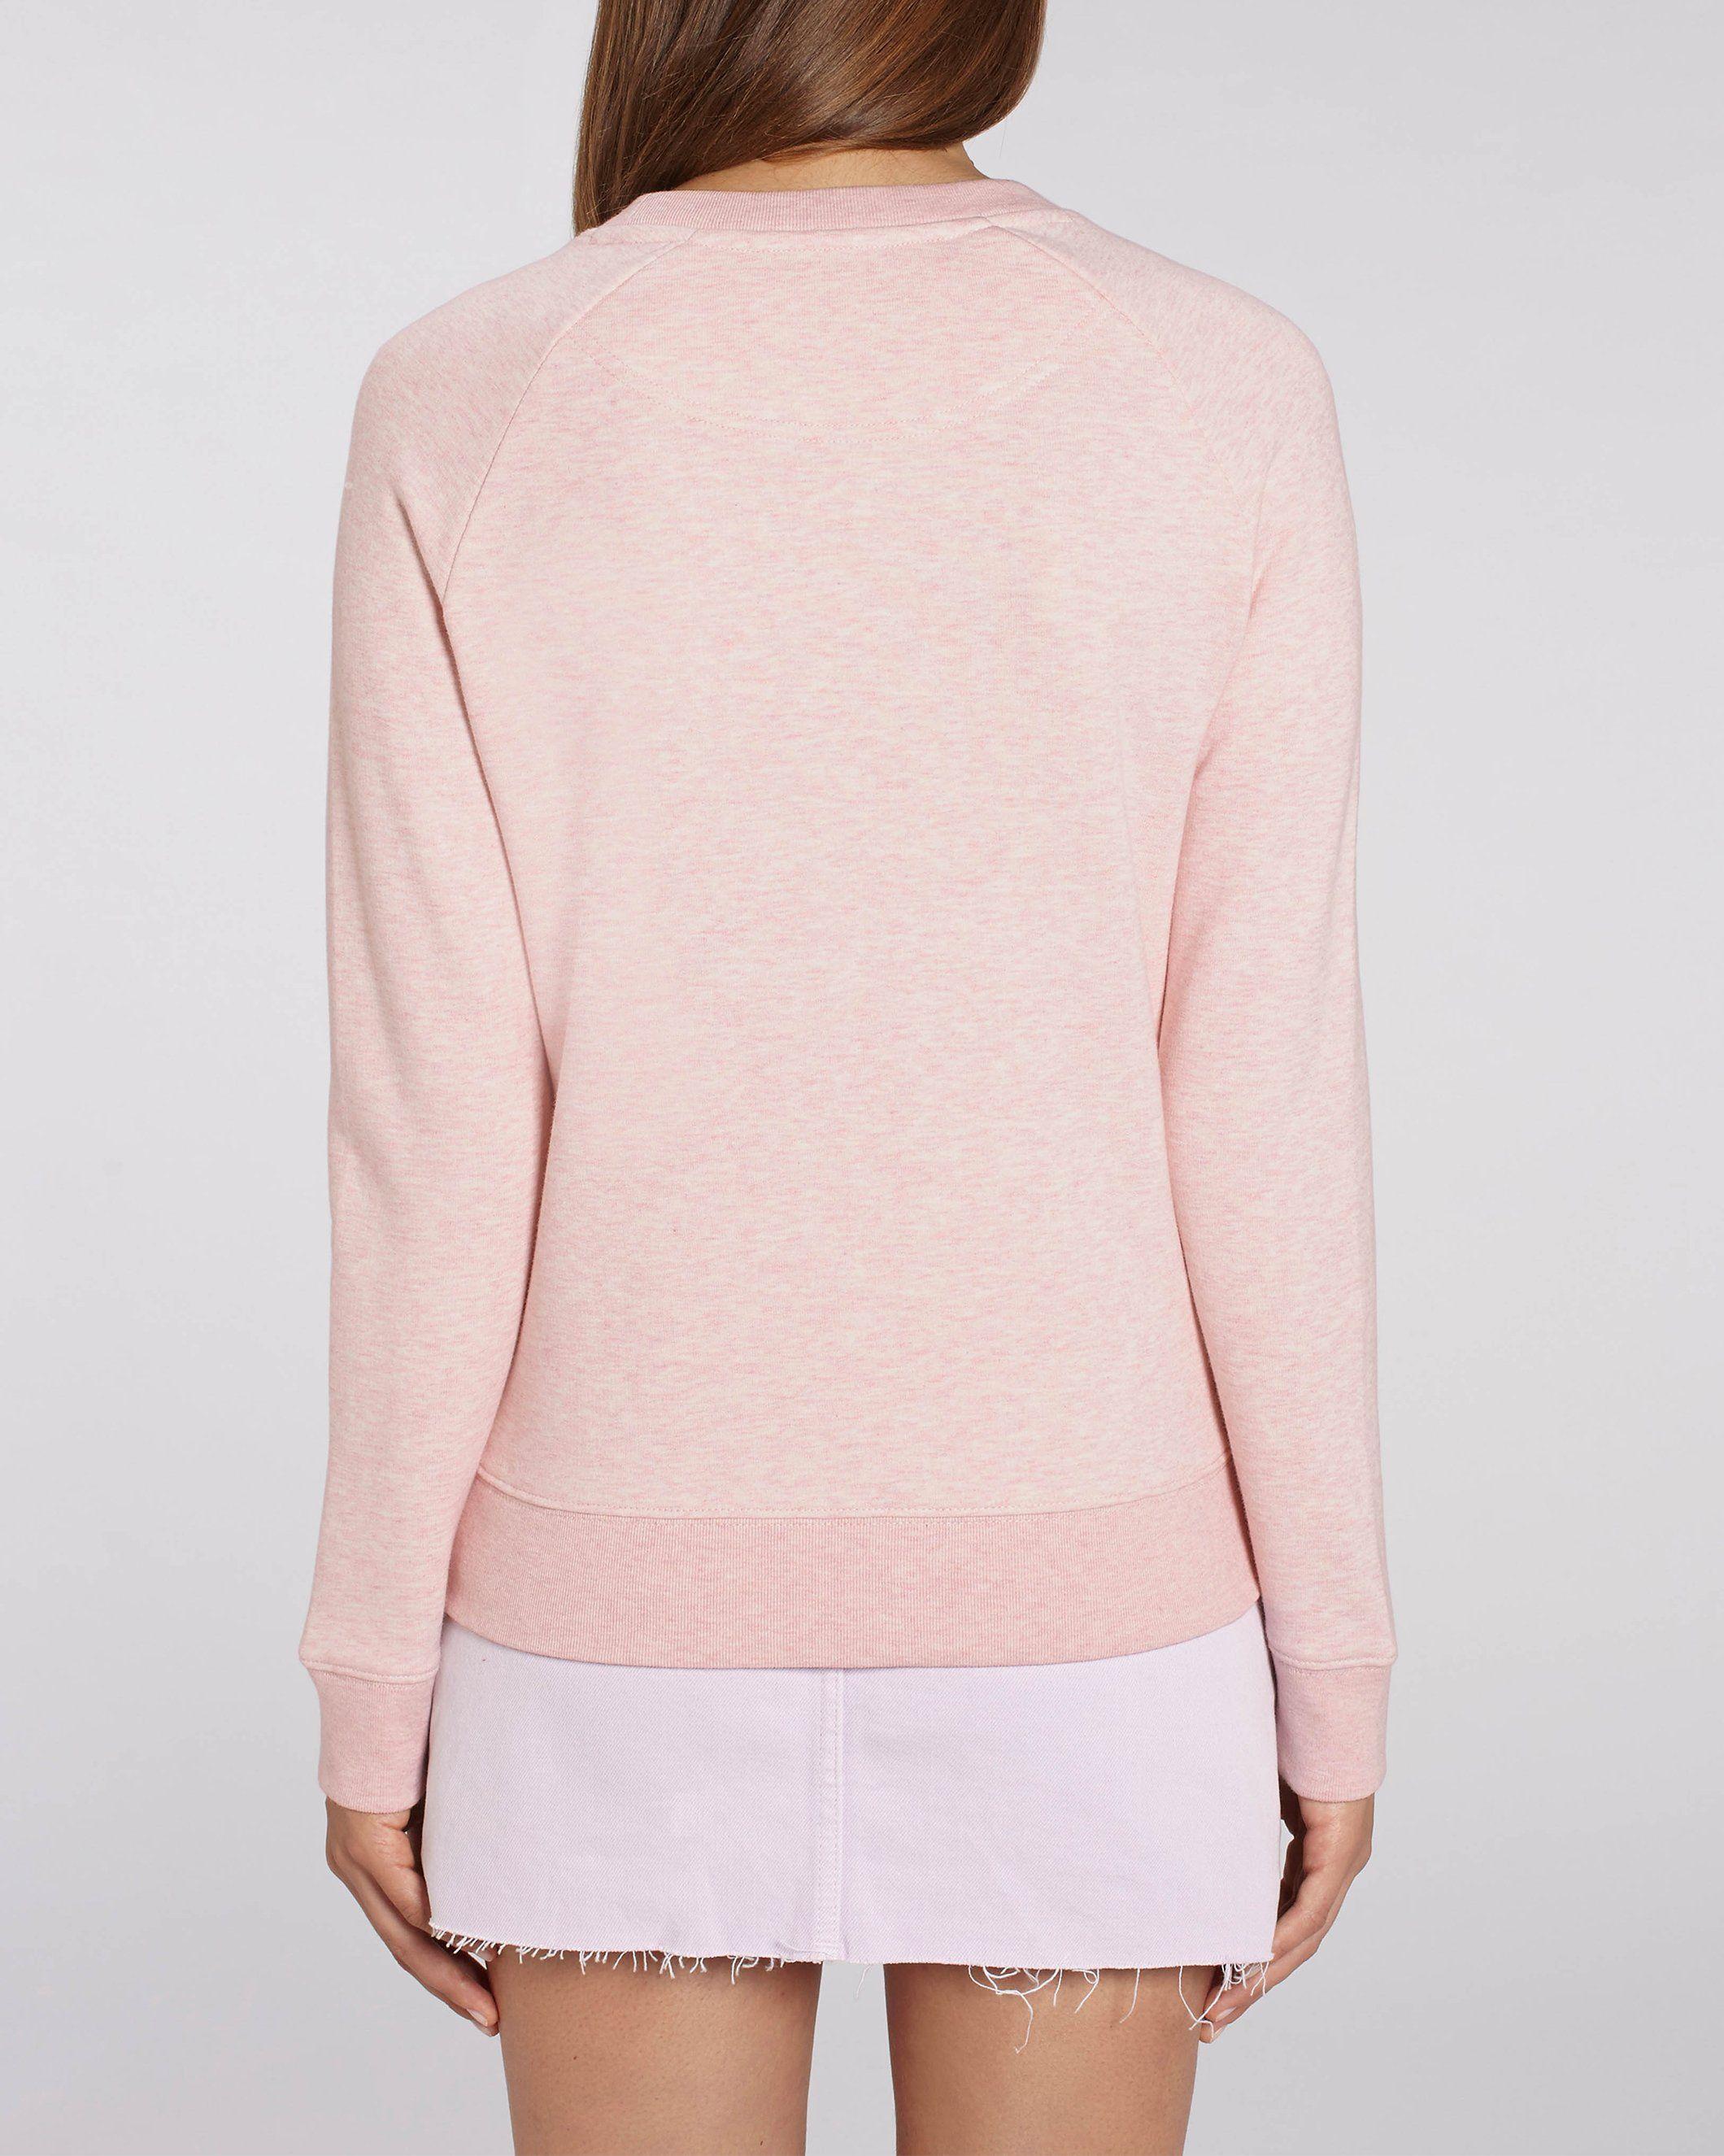 Maum Women's Crew Neck Sweatshirt in Pink